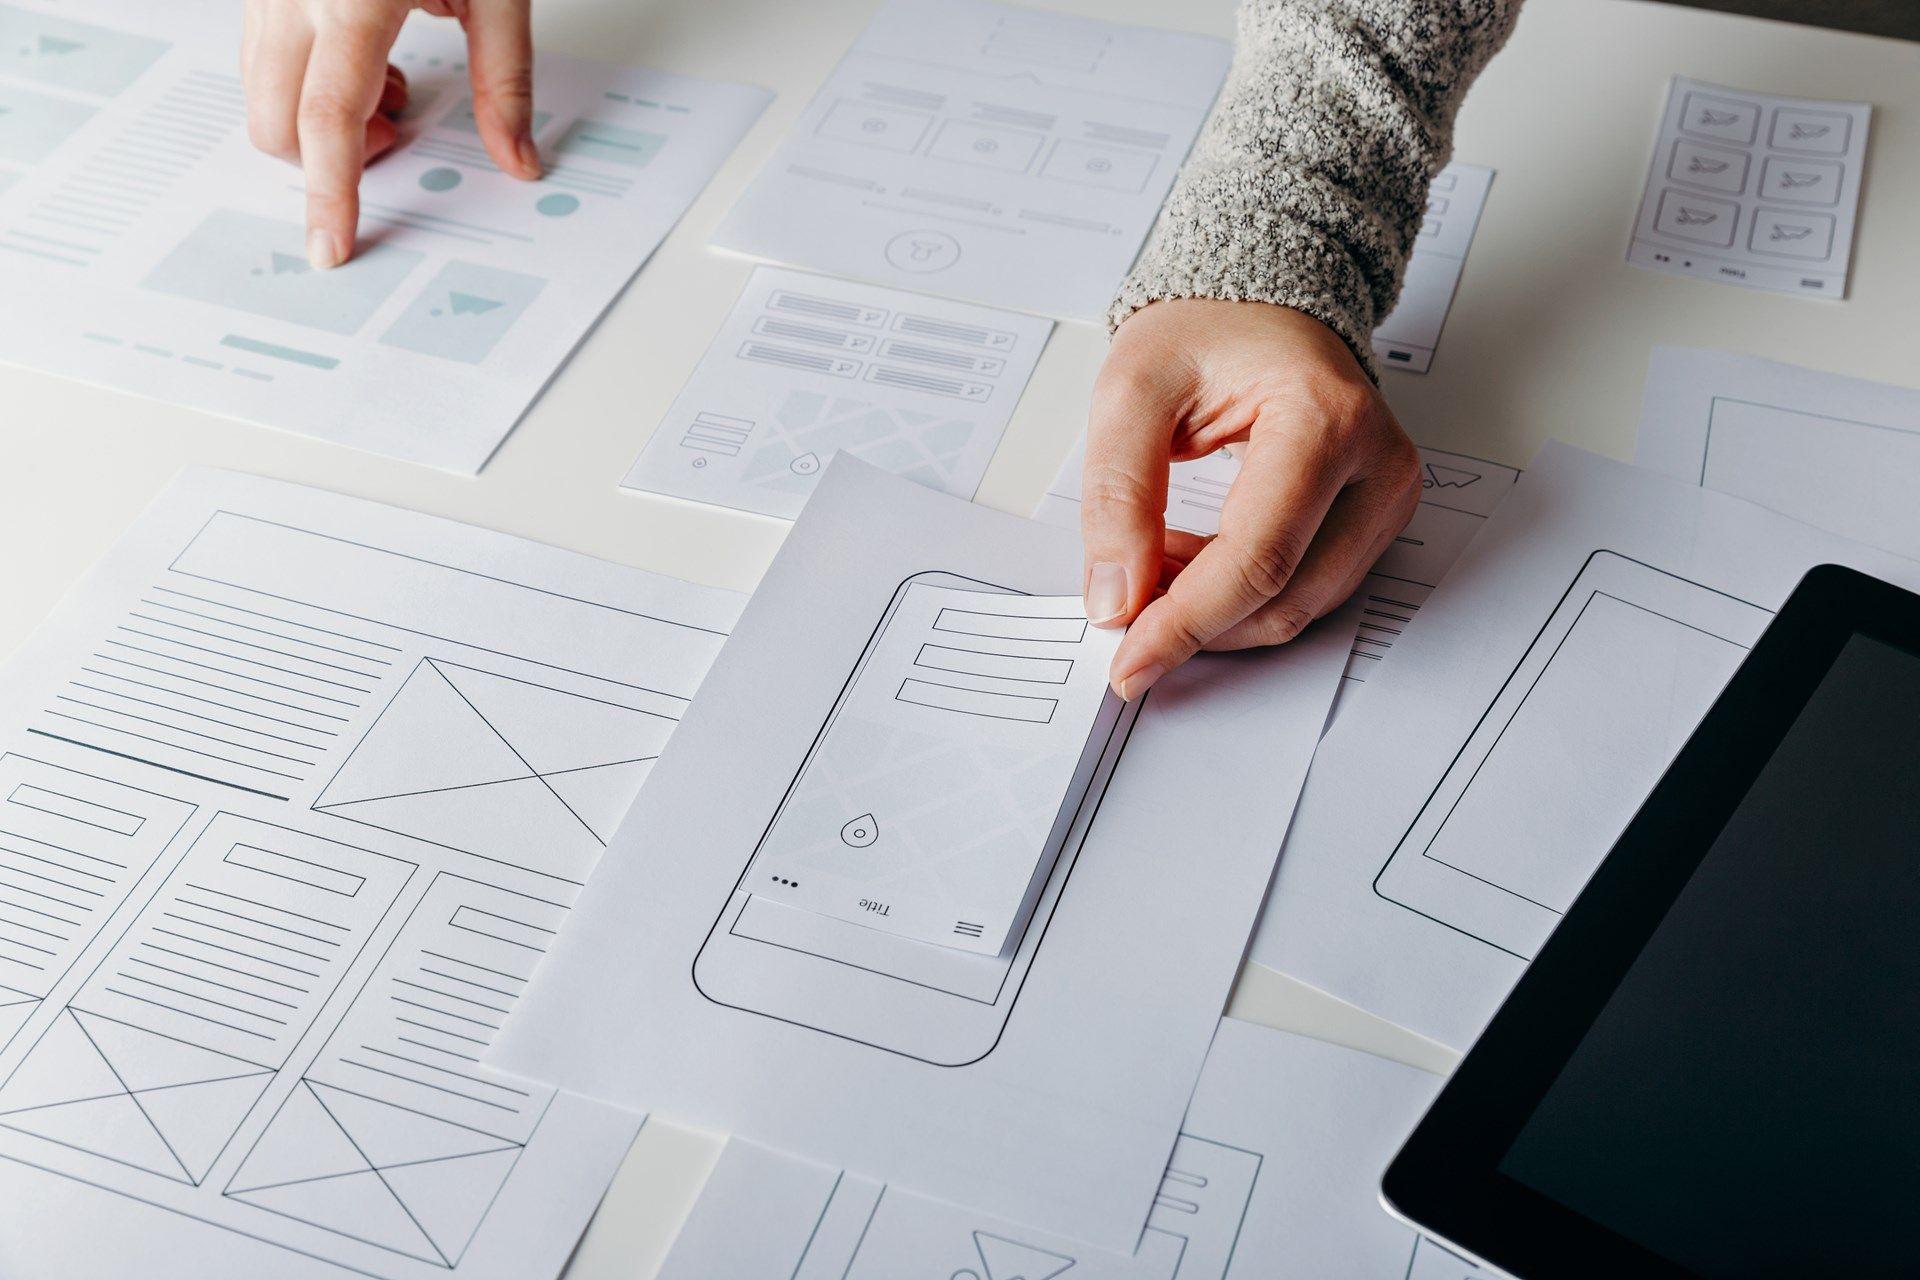 Diseño web responsive es Esplugues de LLobregat